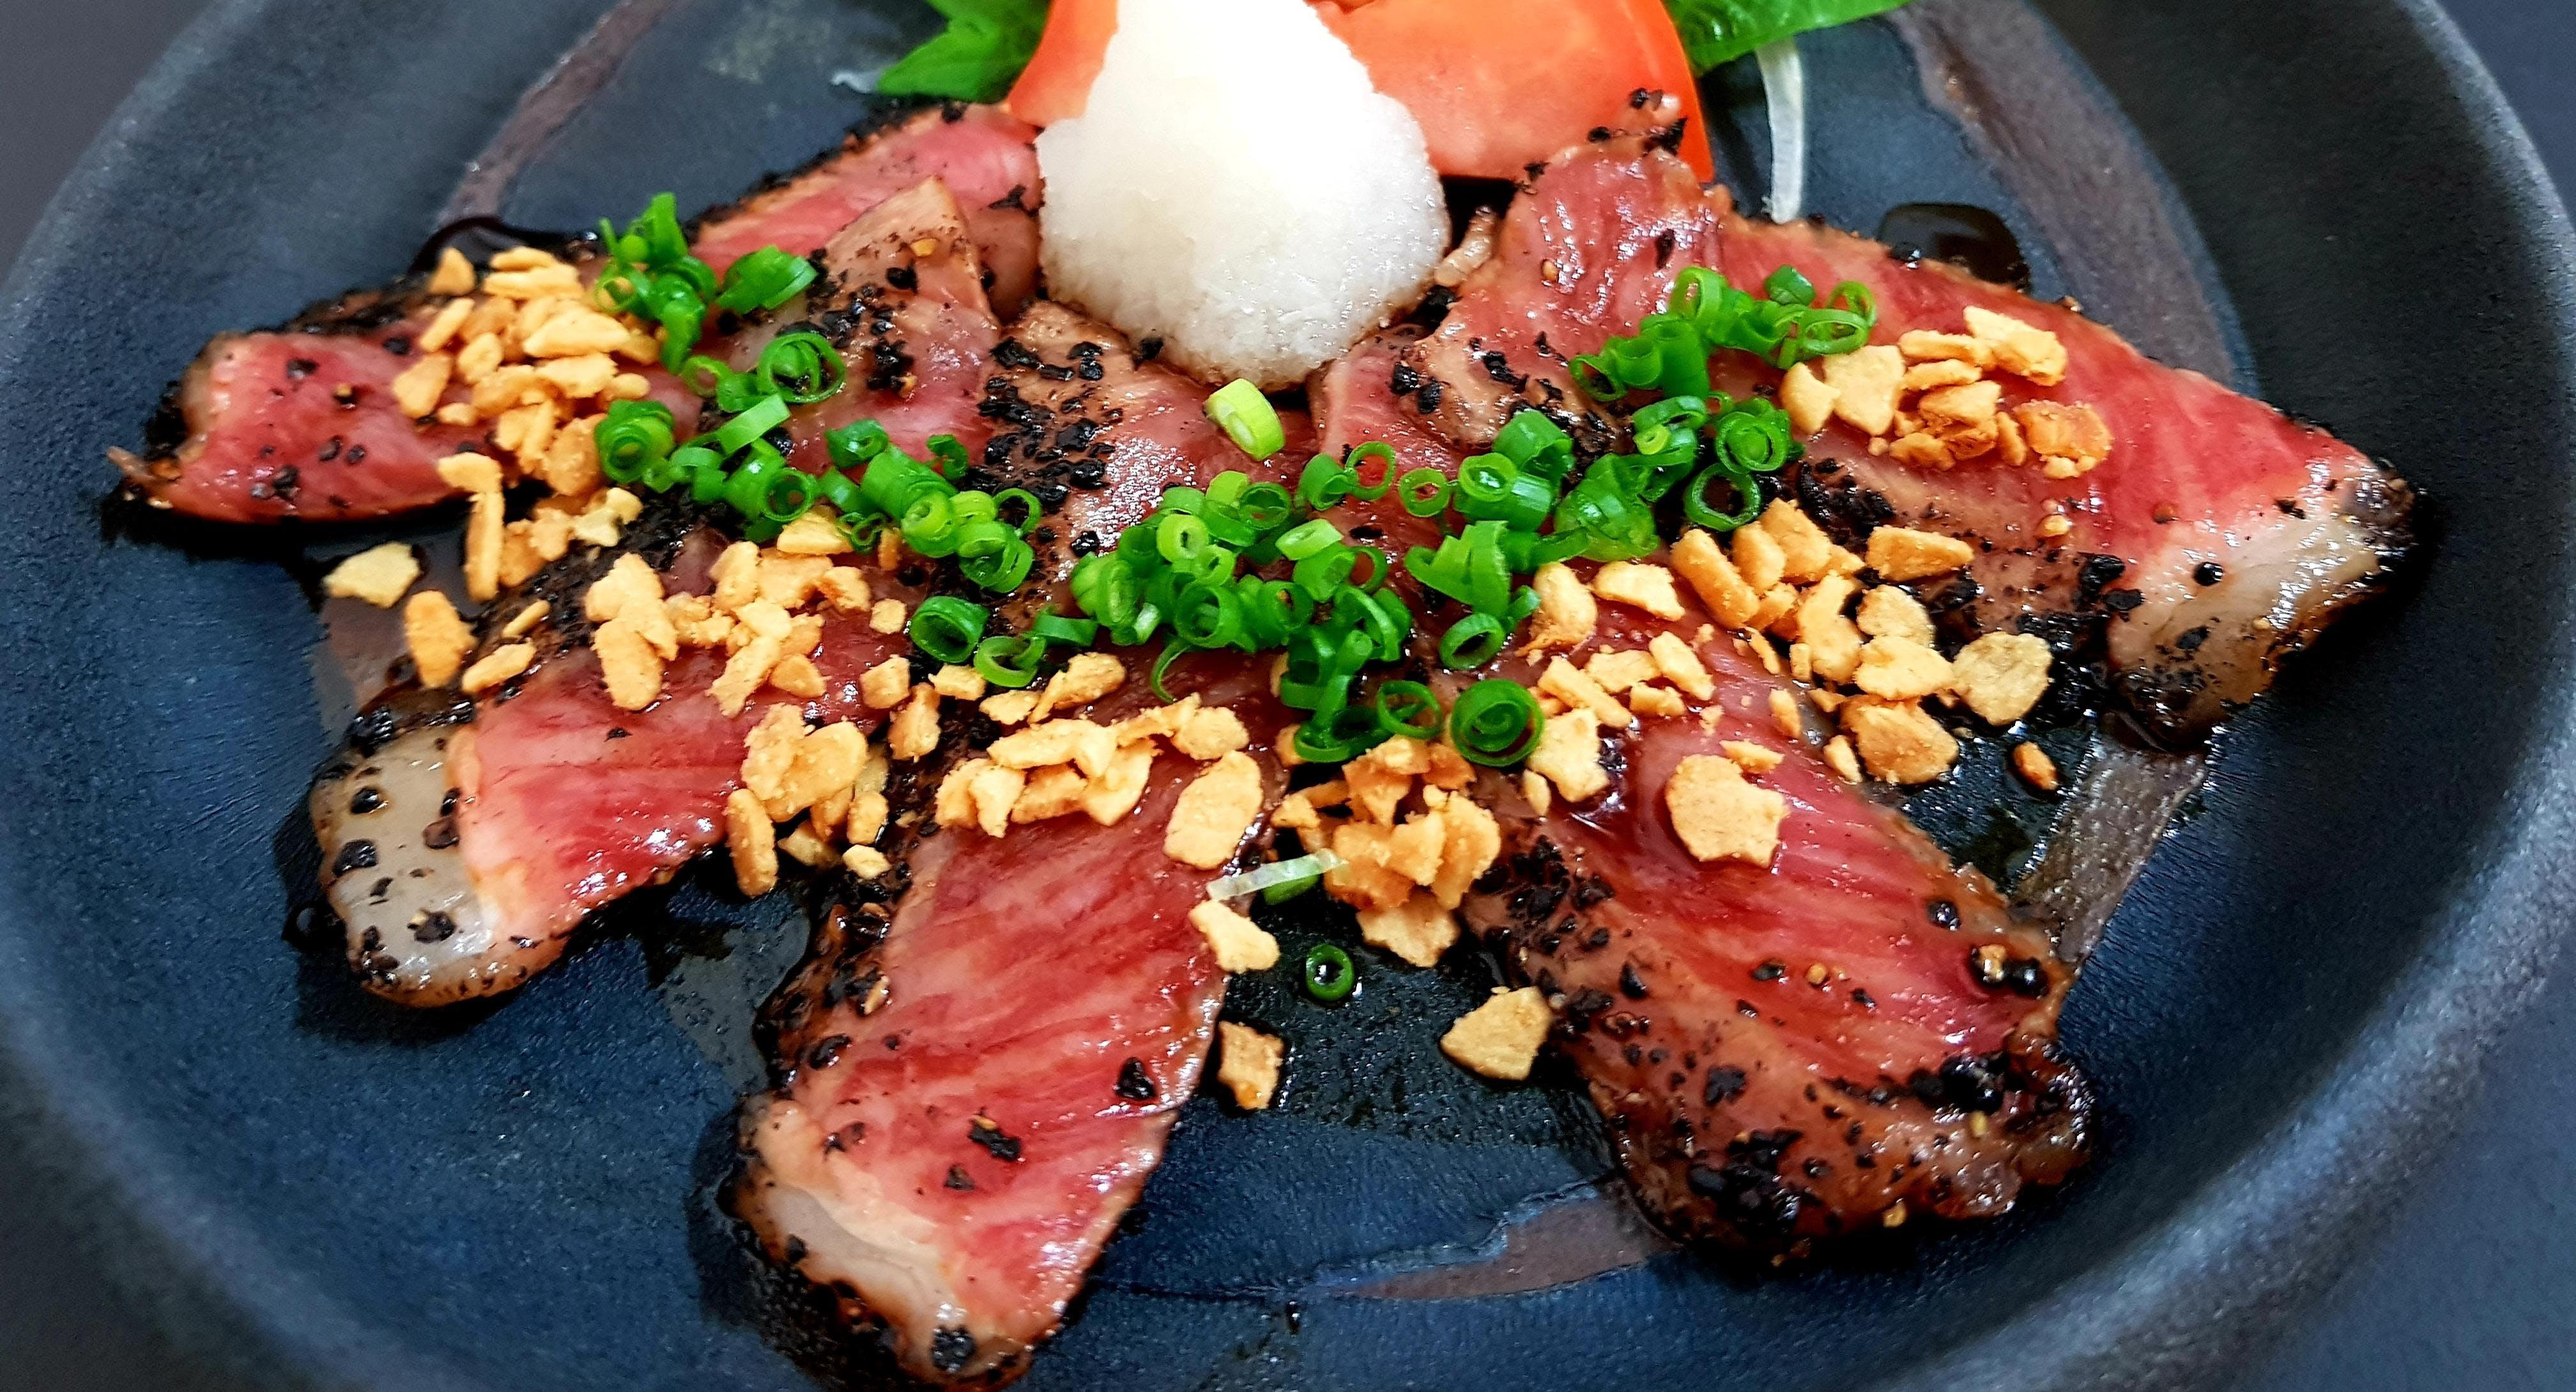 Ichida Japanese Dining Singapore image 3